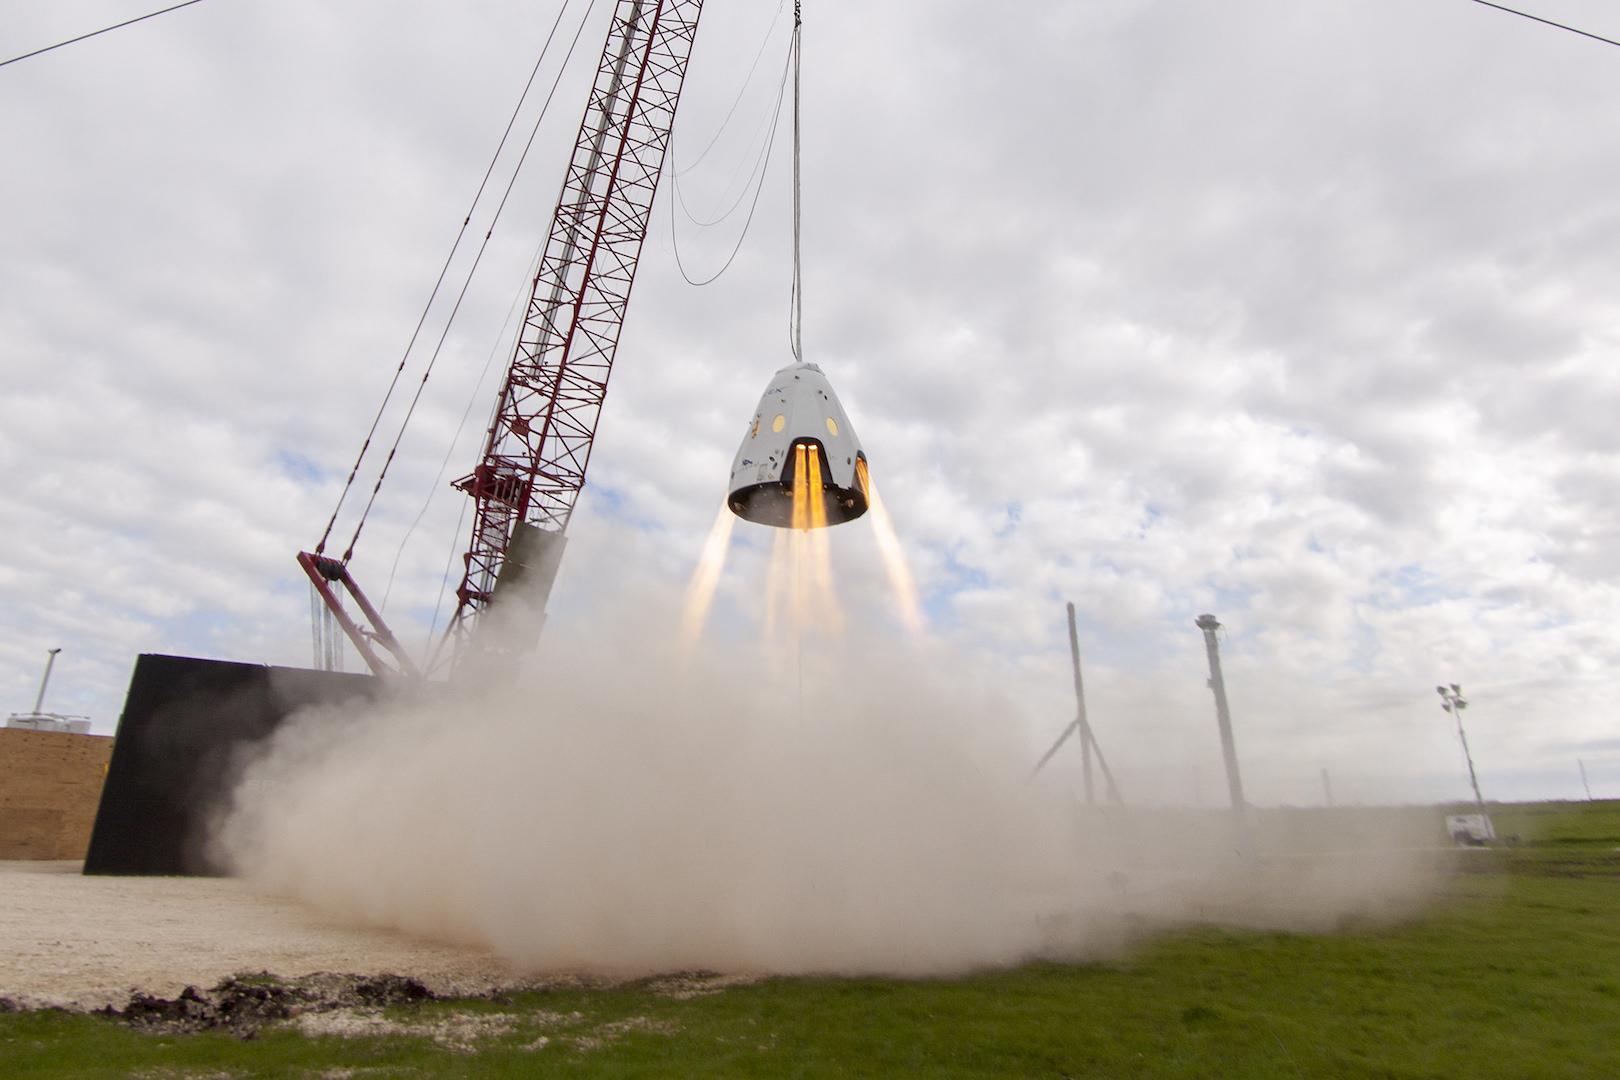 Les touristes de l'espace devront patienter pour décrocher la lune — SpaceX